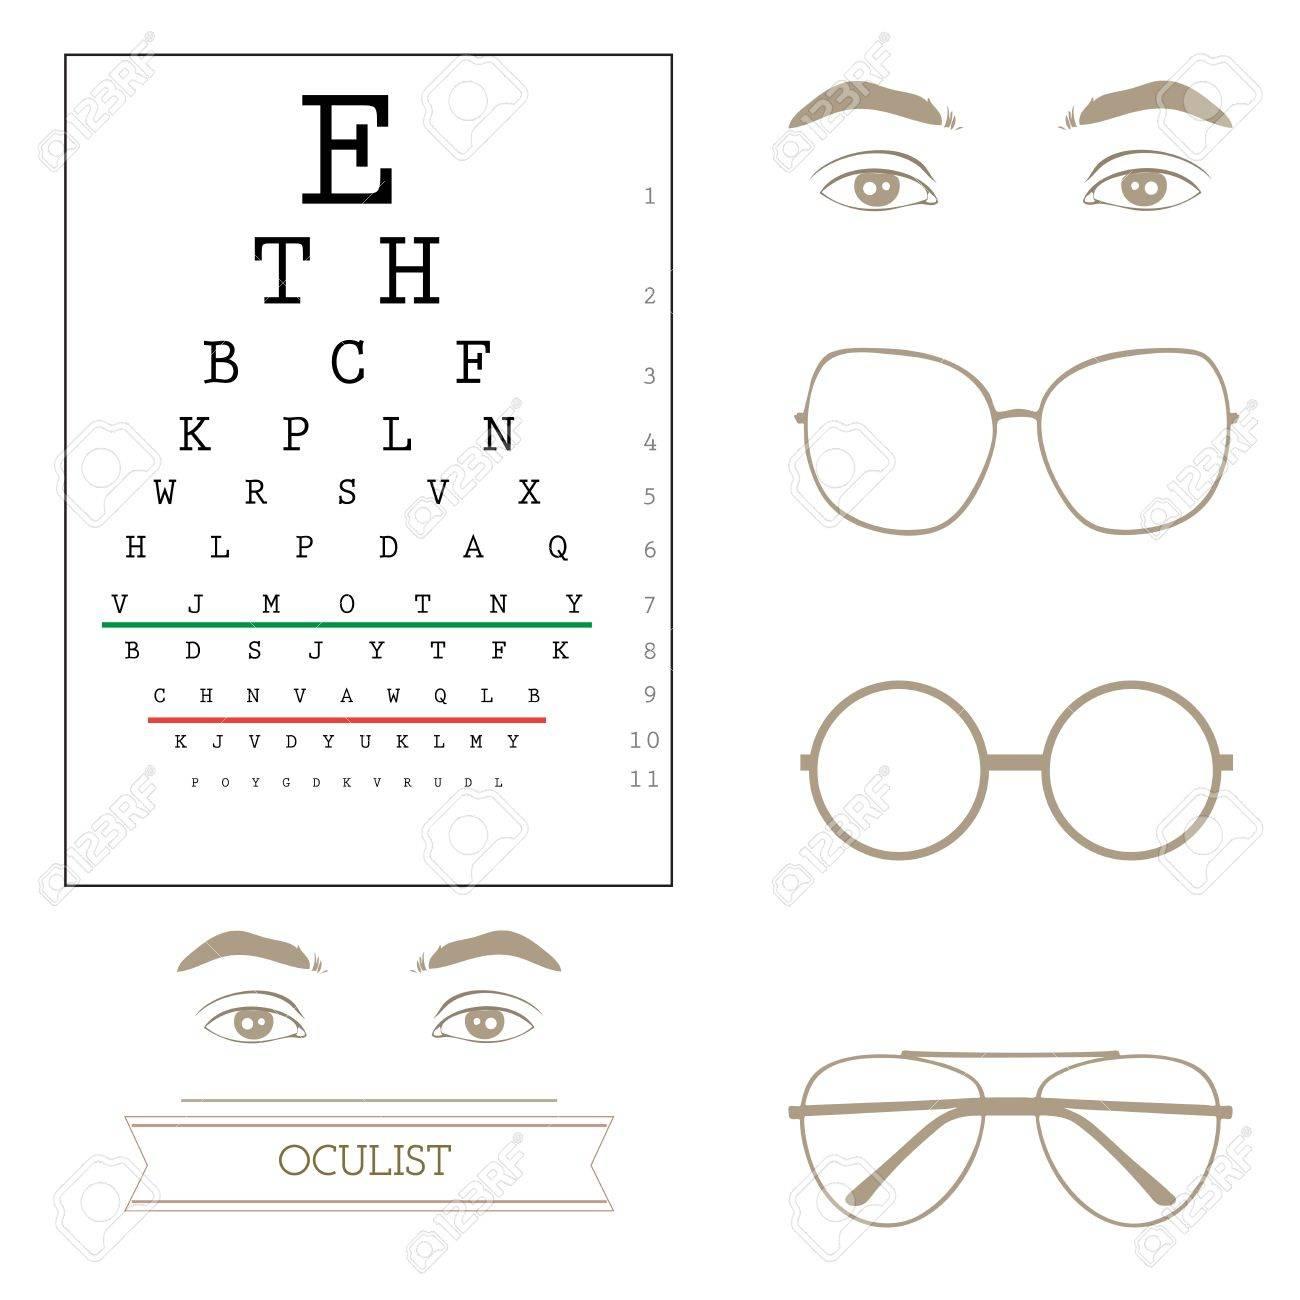 Eyesight test chart, eyeglasses Stock Vector - 21772947